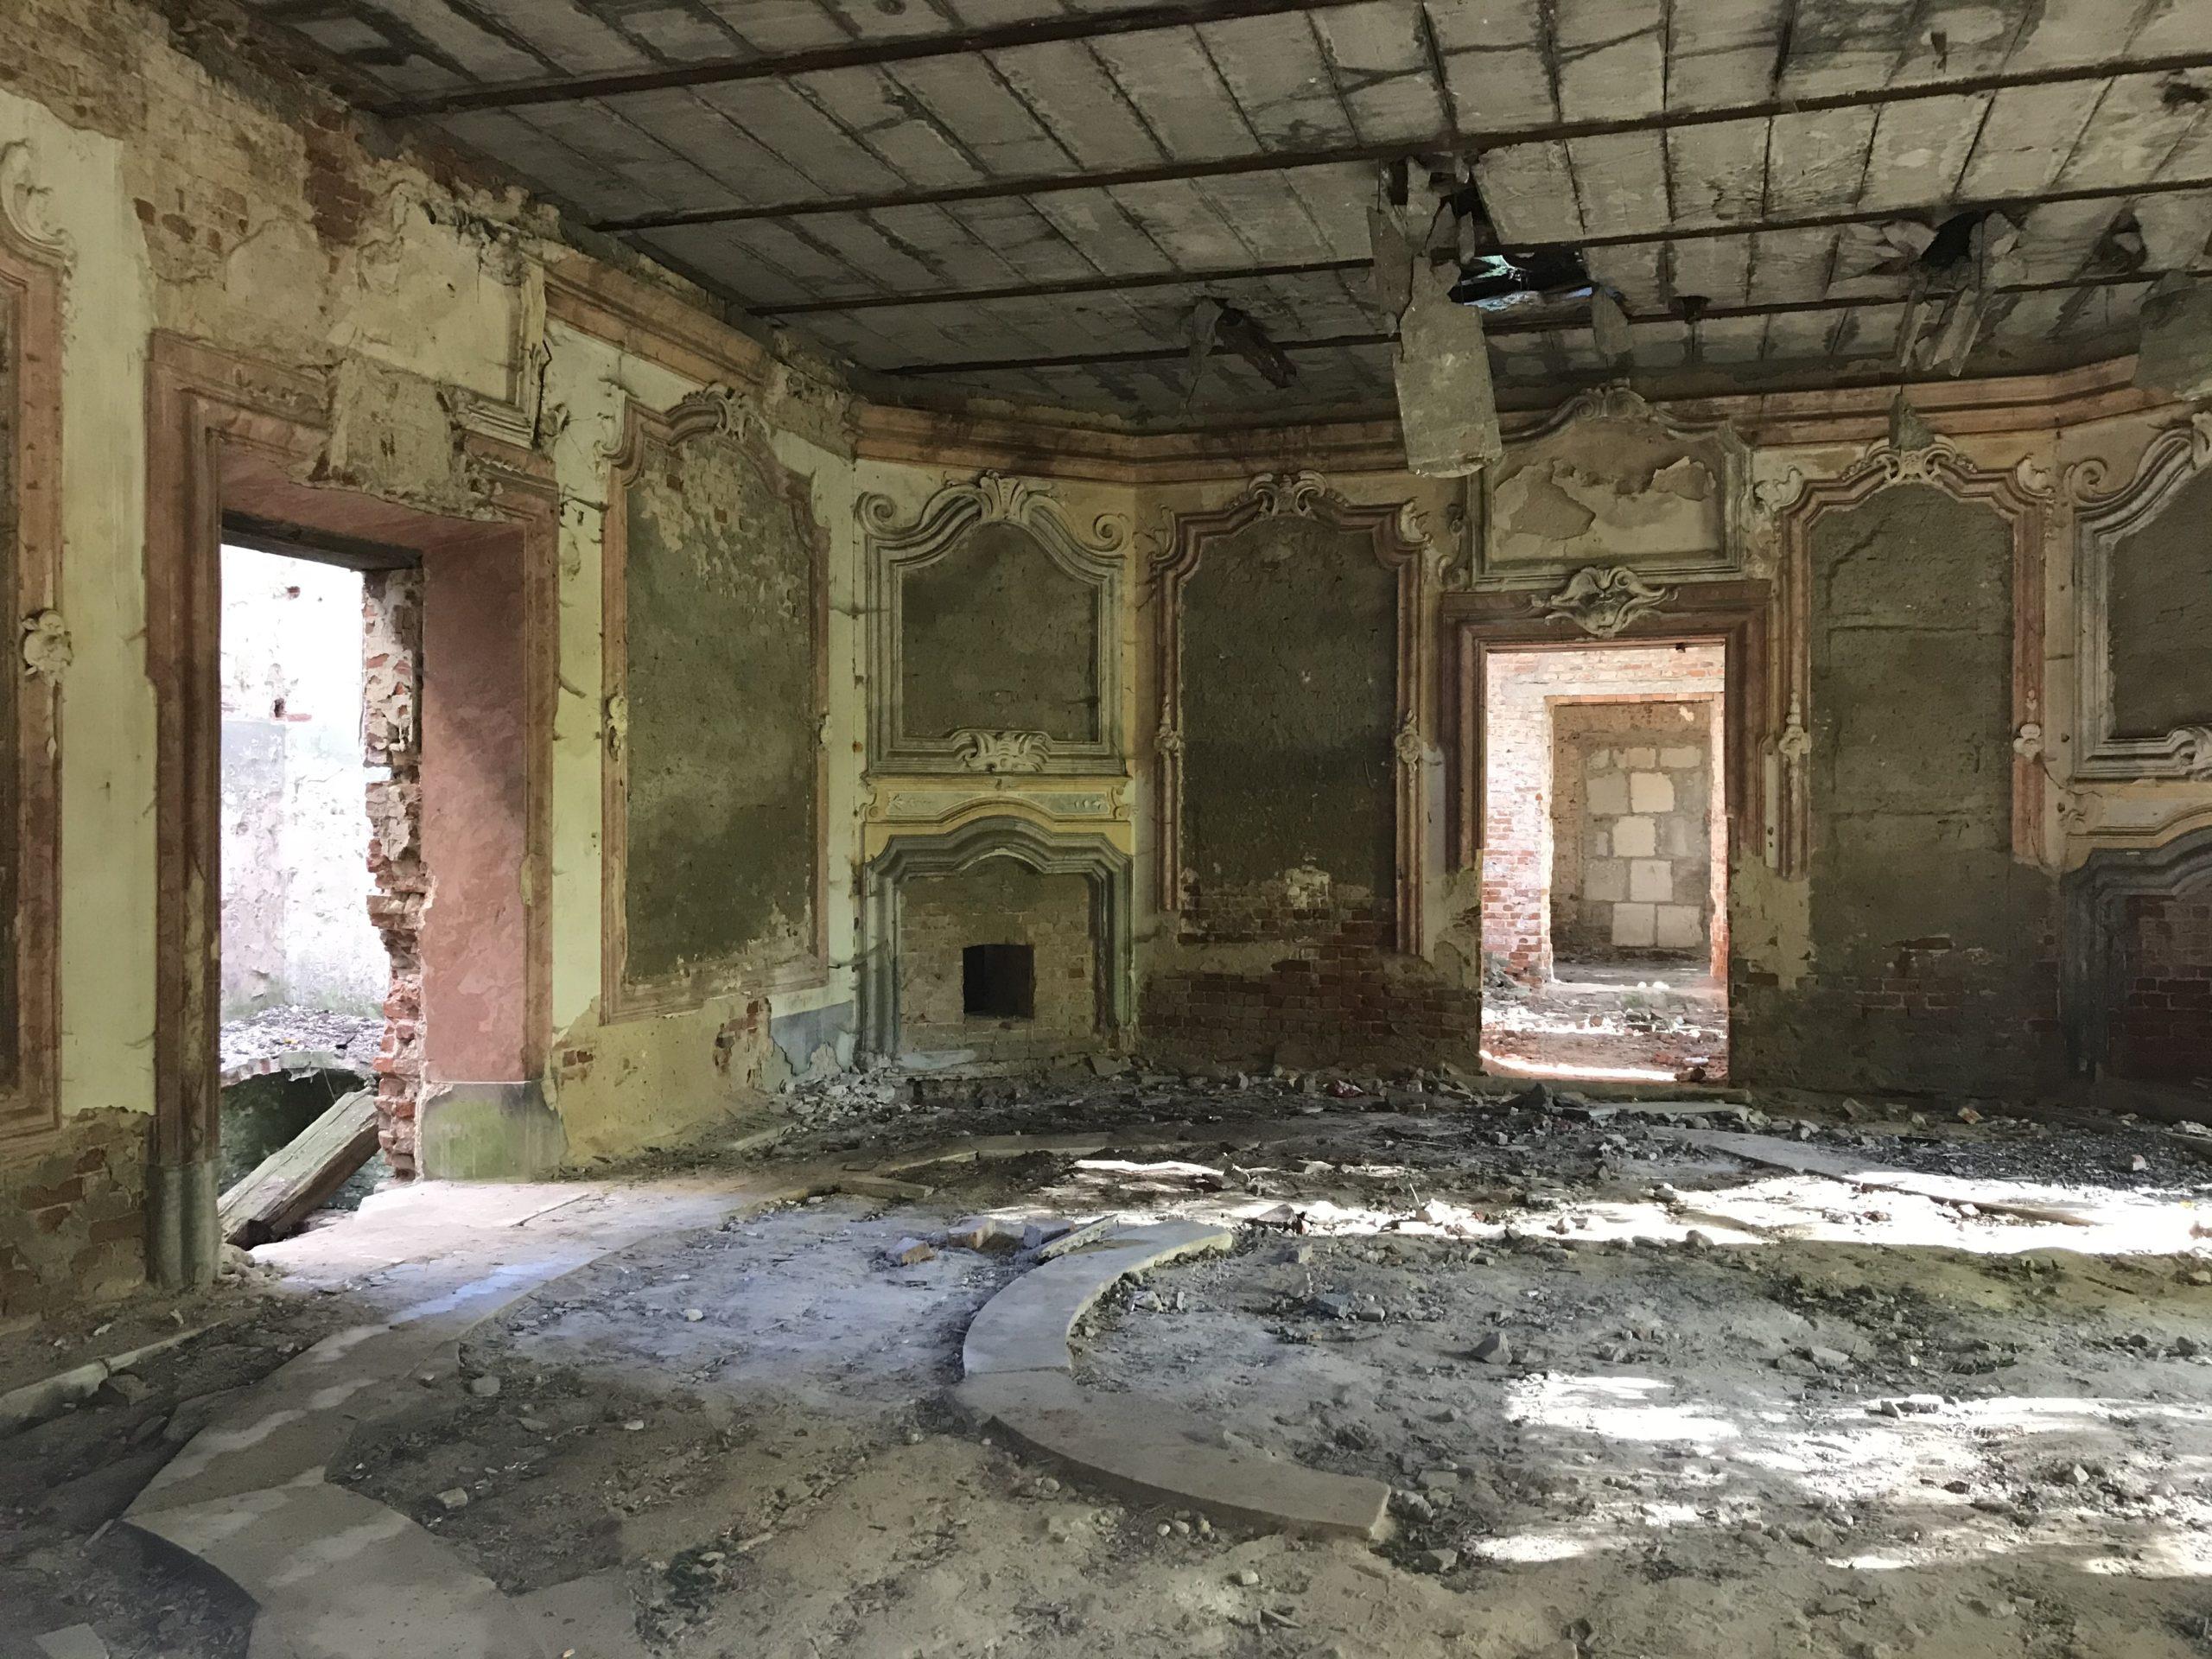 Wnętrza pałacu w Brzezince. Październik 2019 r.